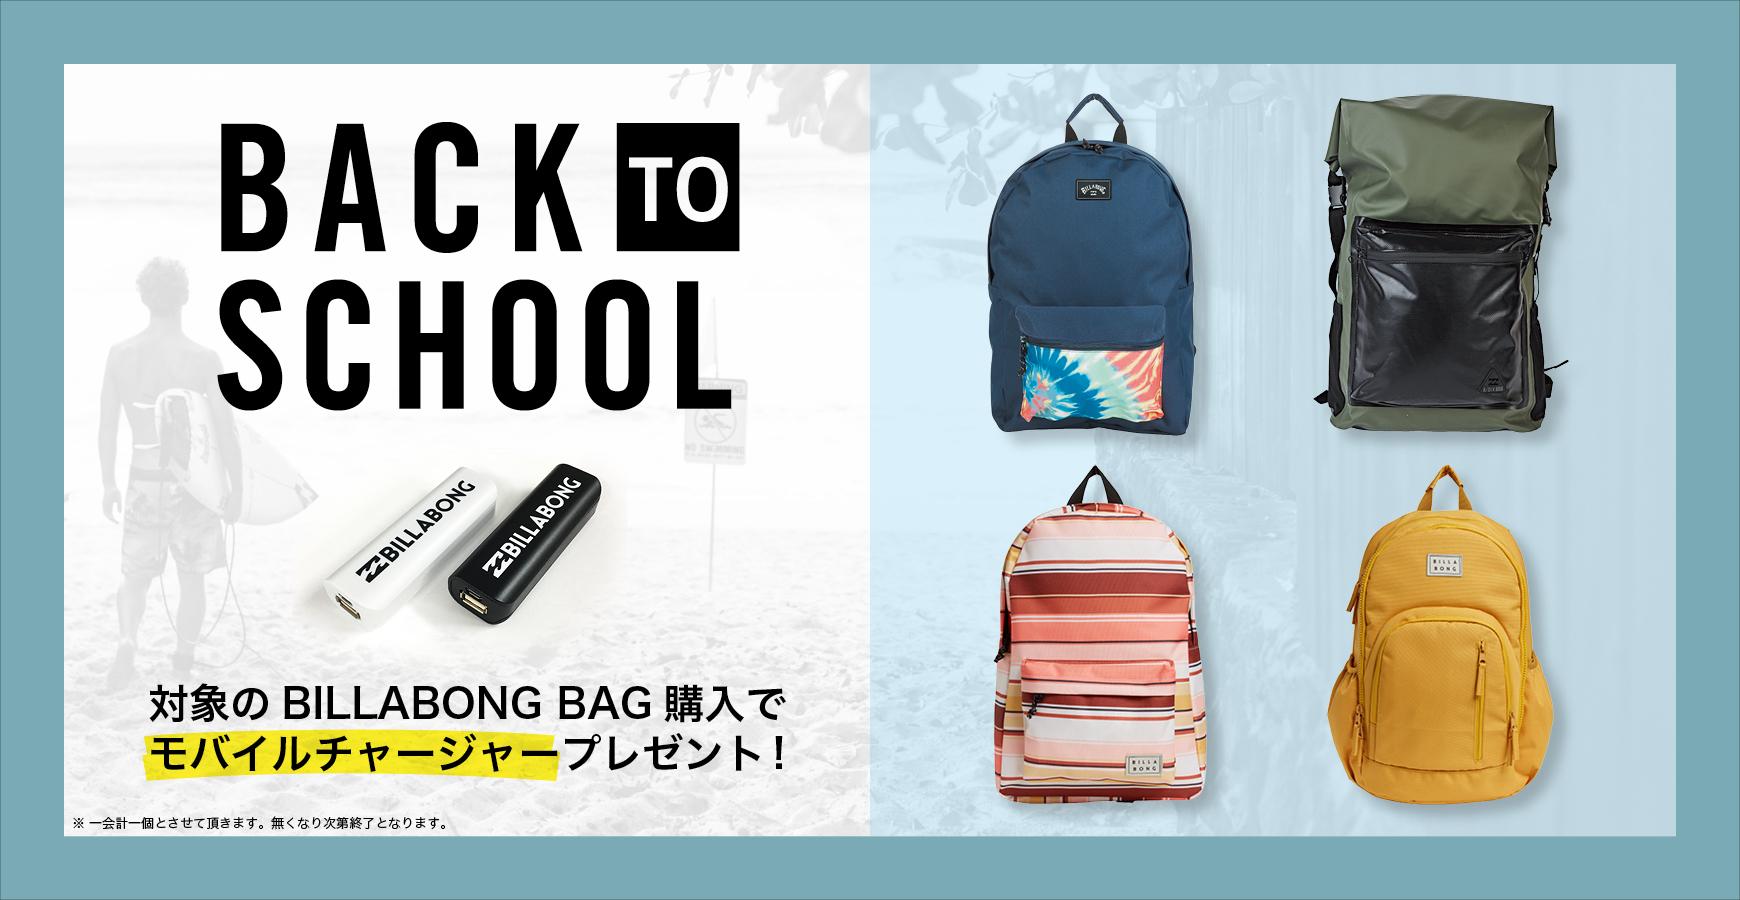 BACK TO SCHOOL キャンペーン